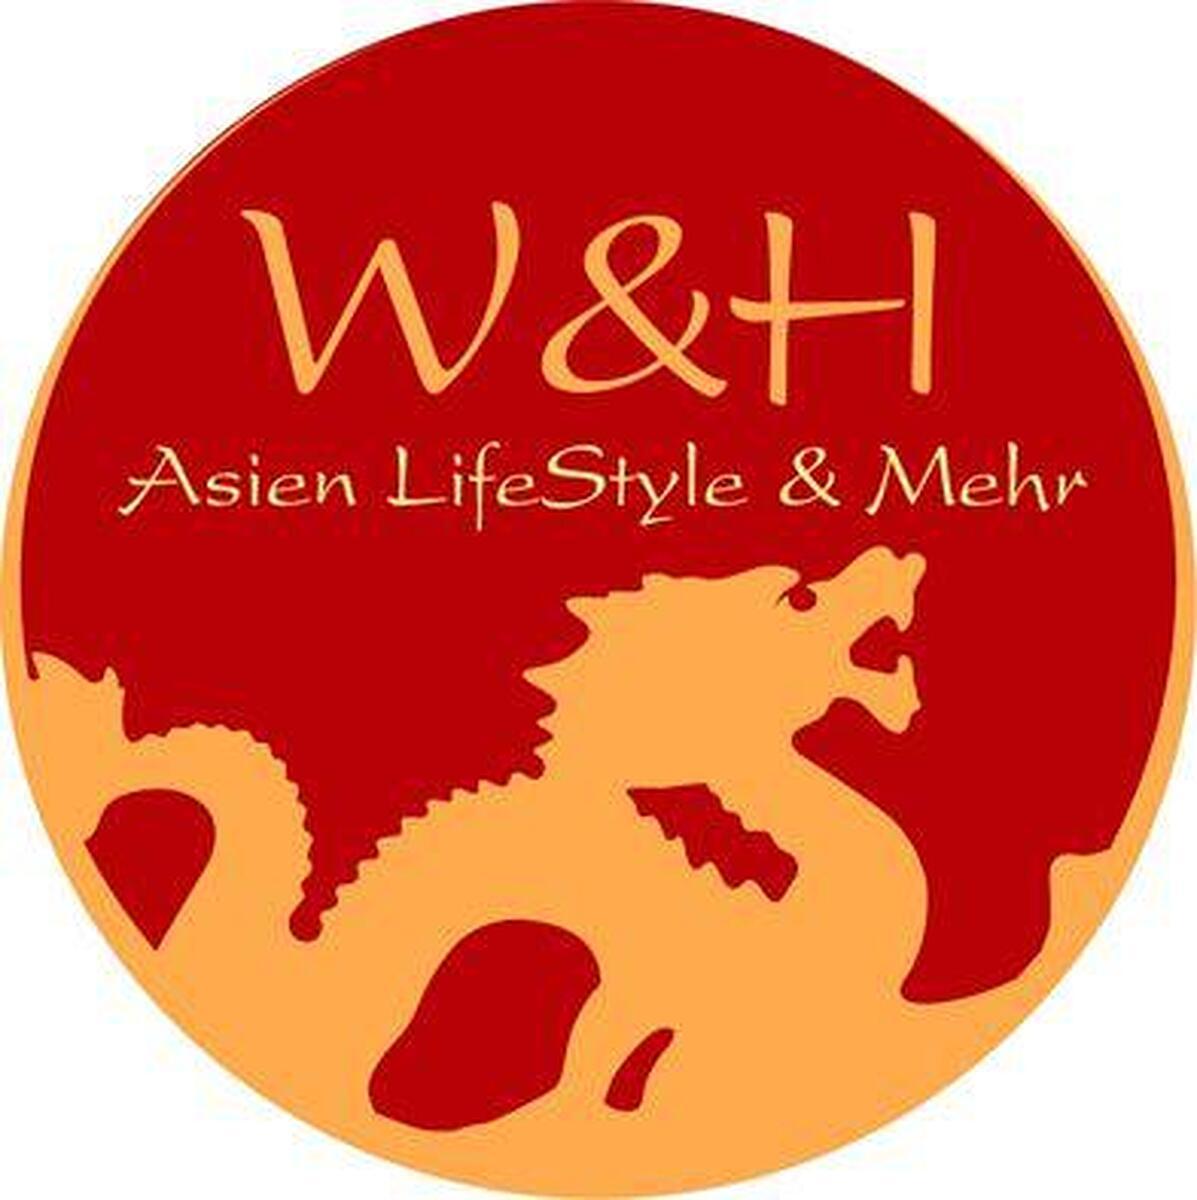 Asien Lifestyle asienlifestyle mehr boschring hilpoltstein asienlifestyle und